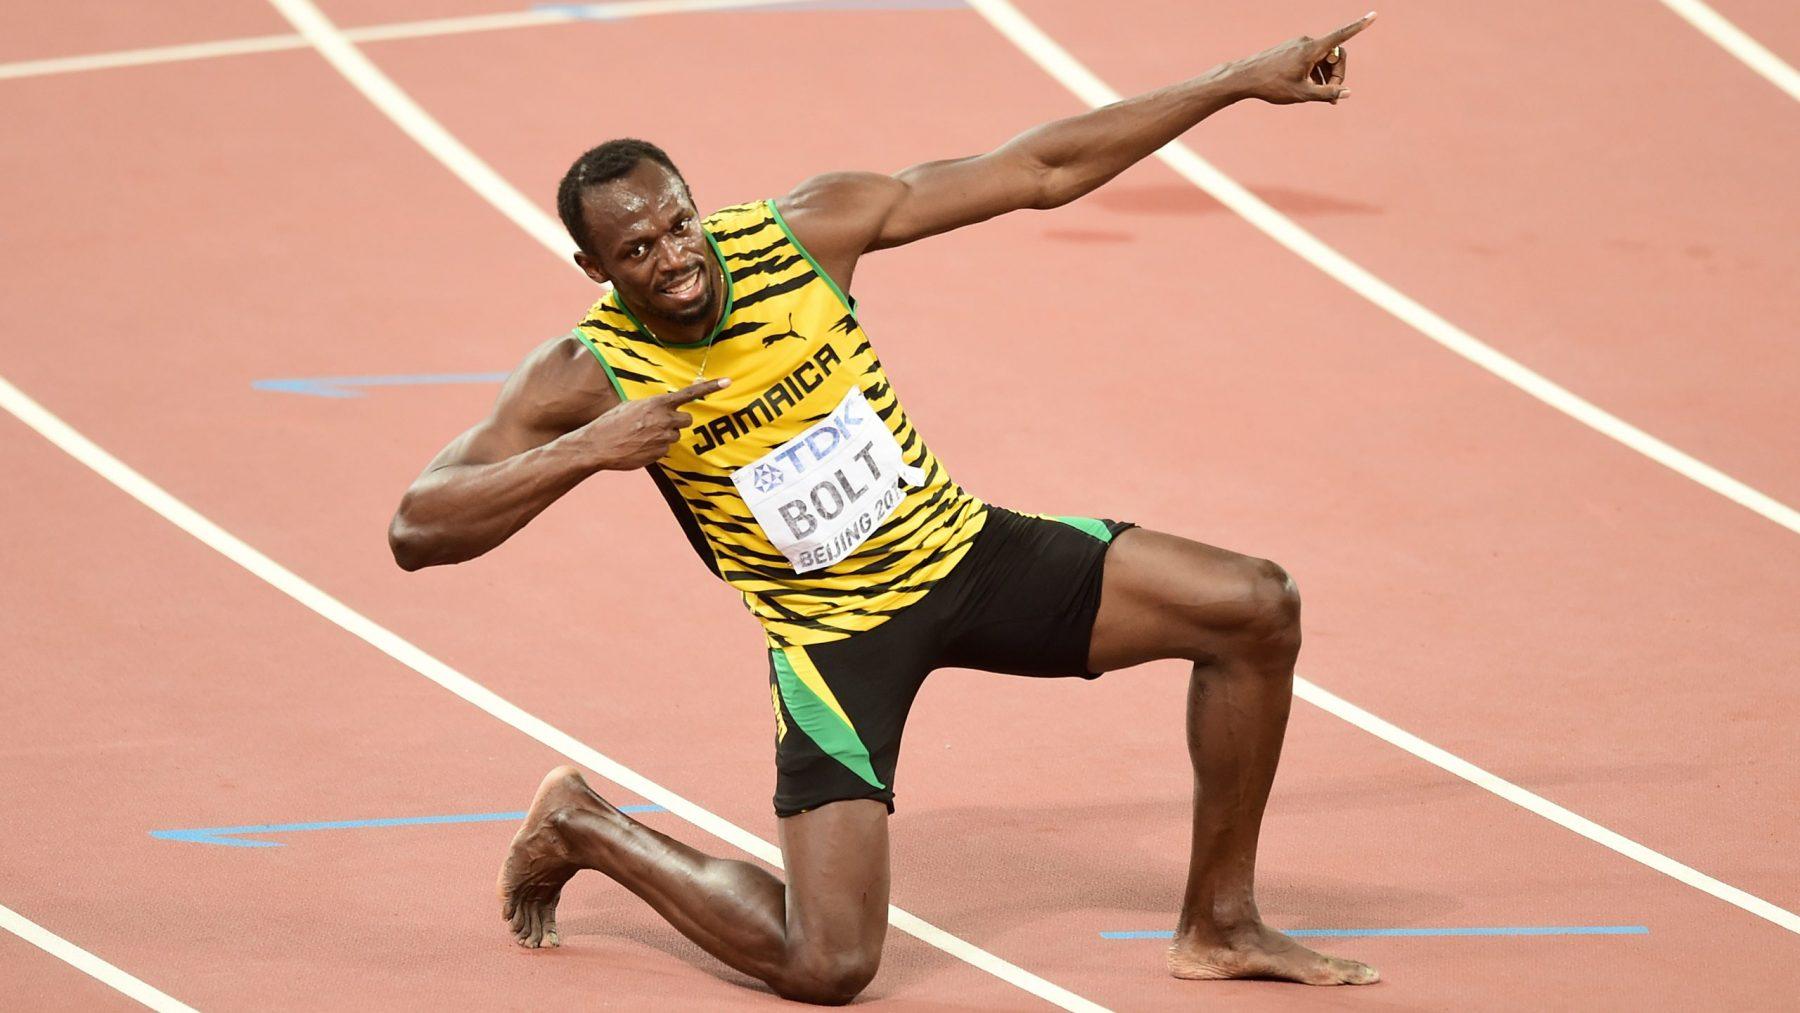 dochter Usain Bolt